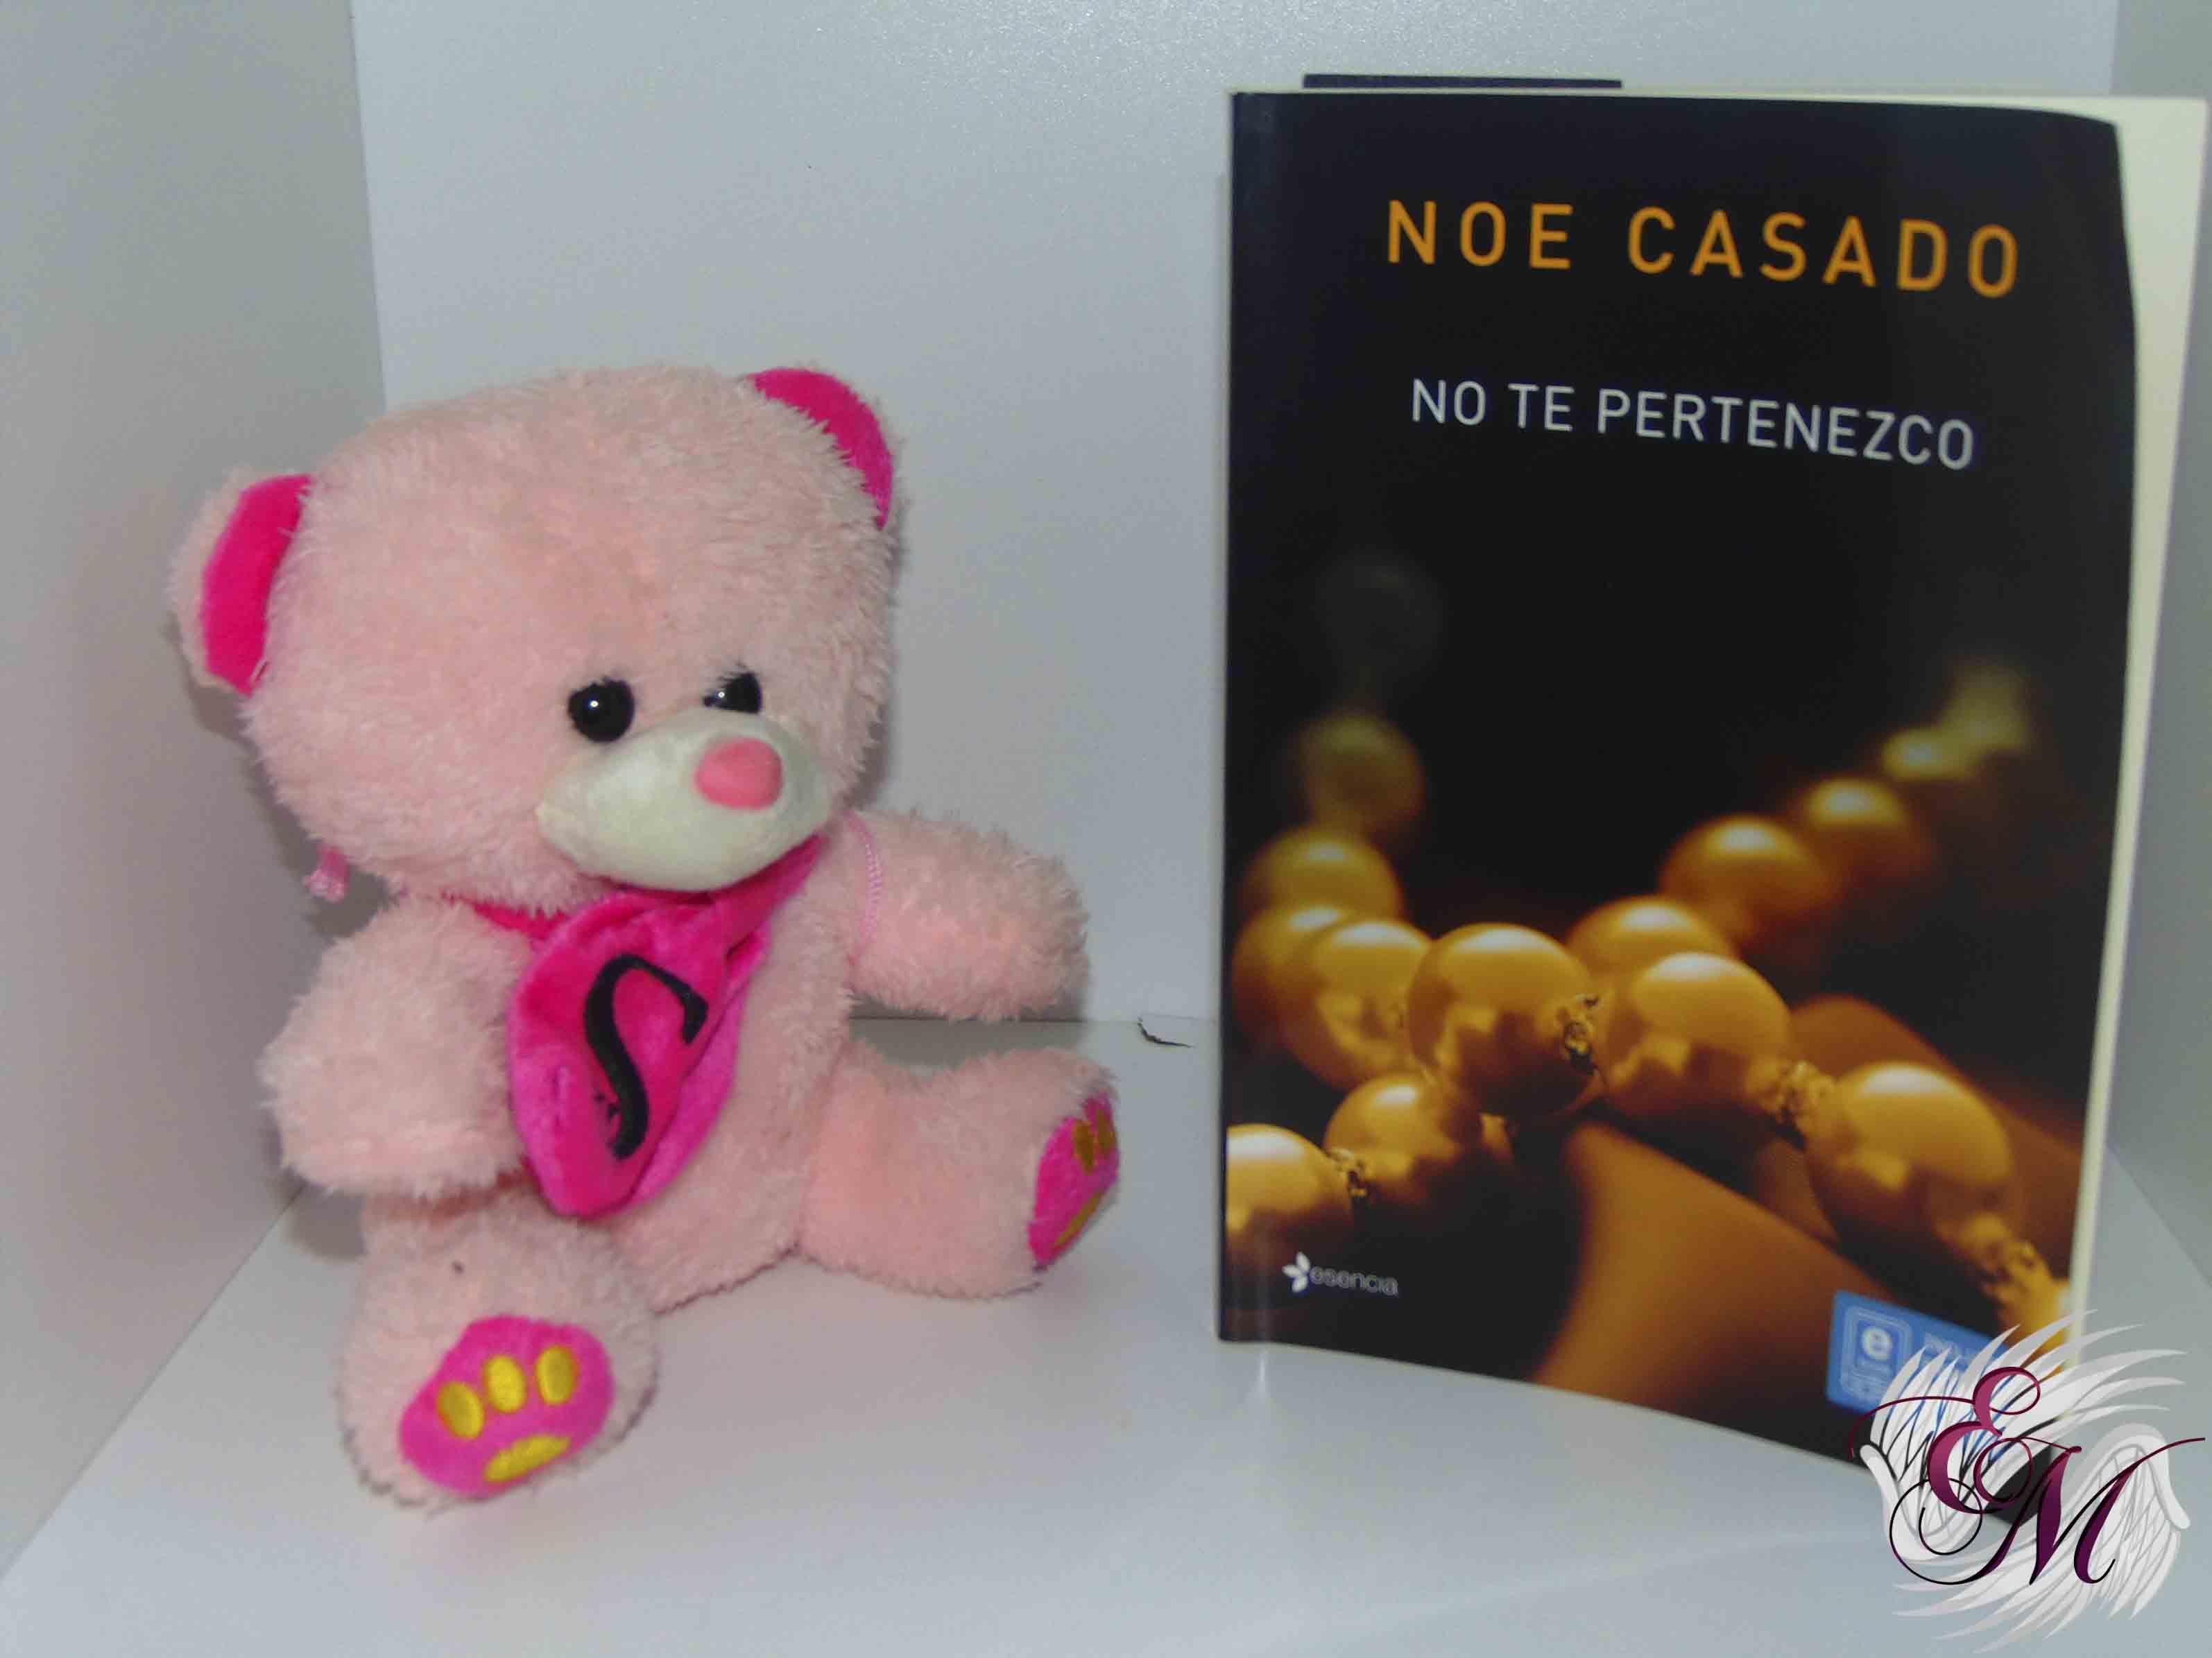 No te pertenezco, de Noe Casado - Reseña